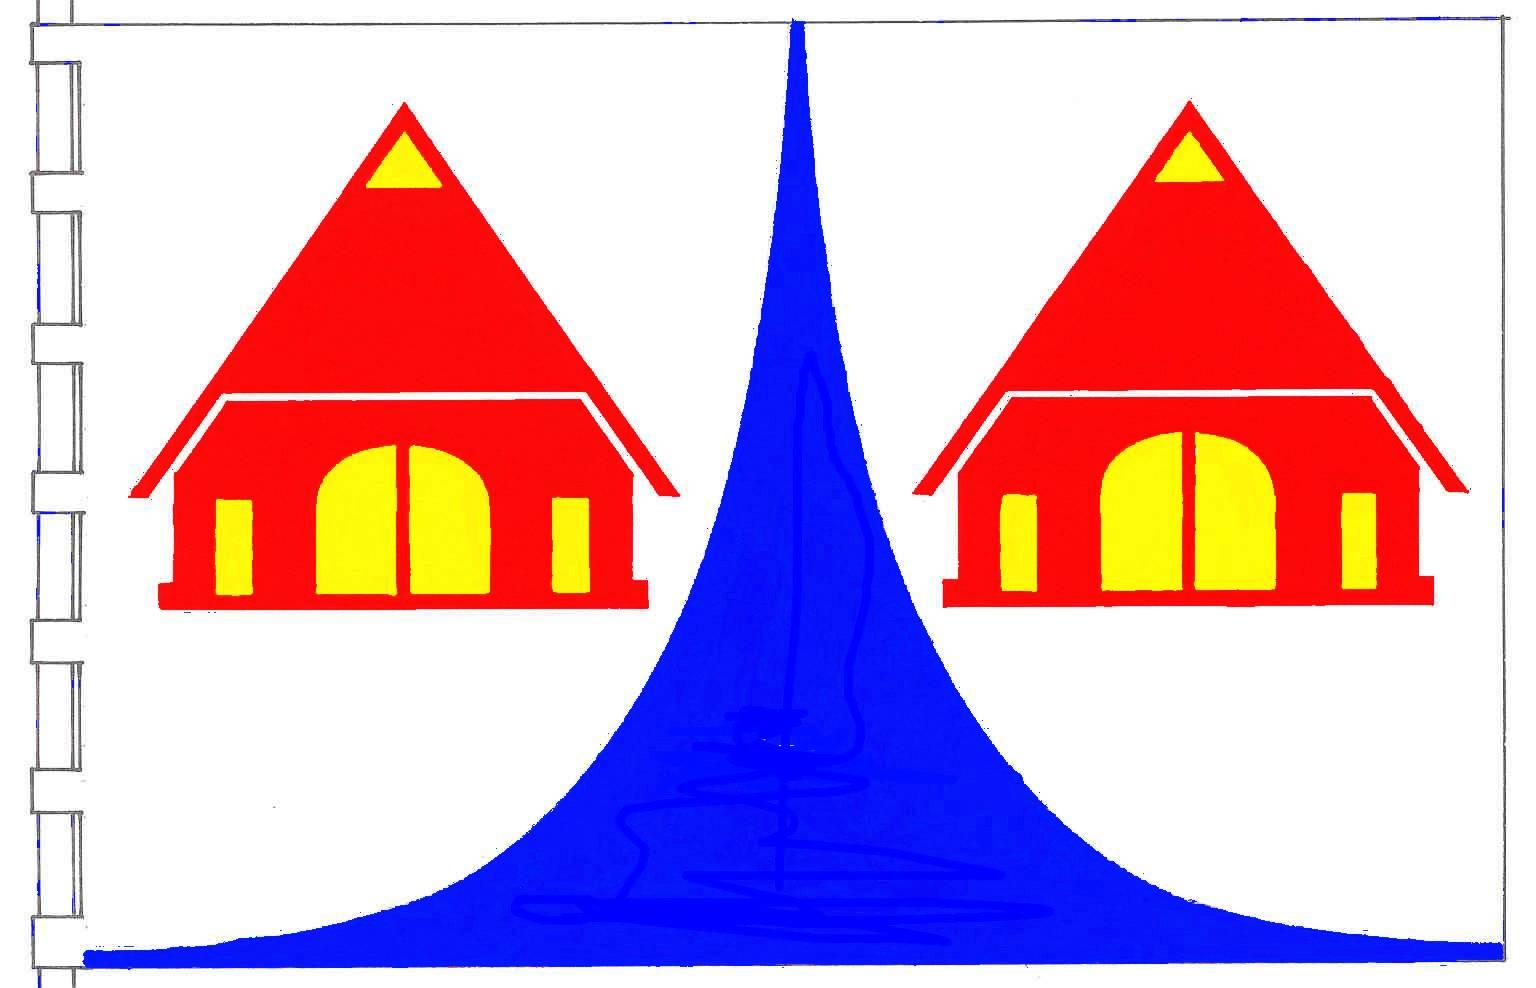 Flagge GemeindeNegernbötel, Kreis Segeberg